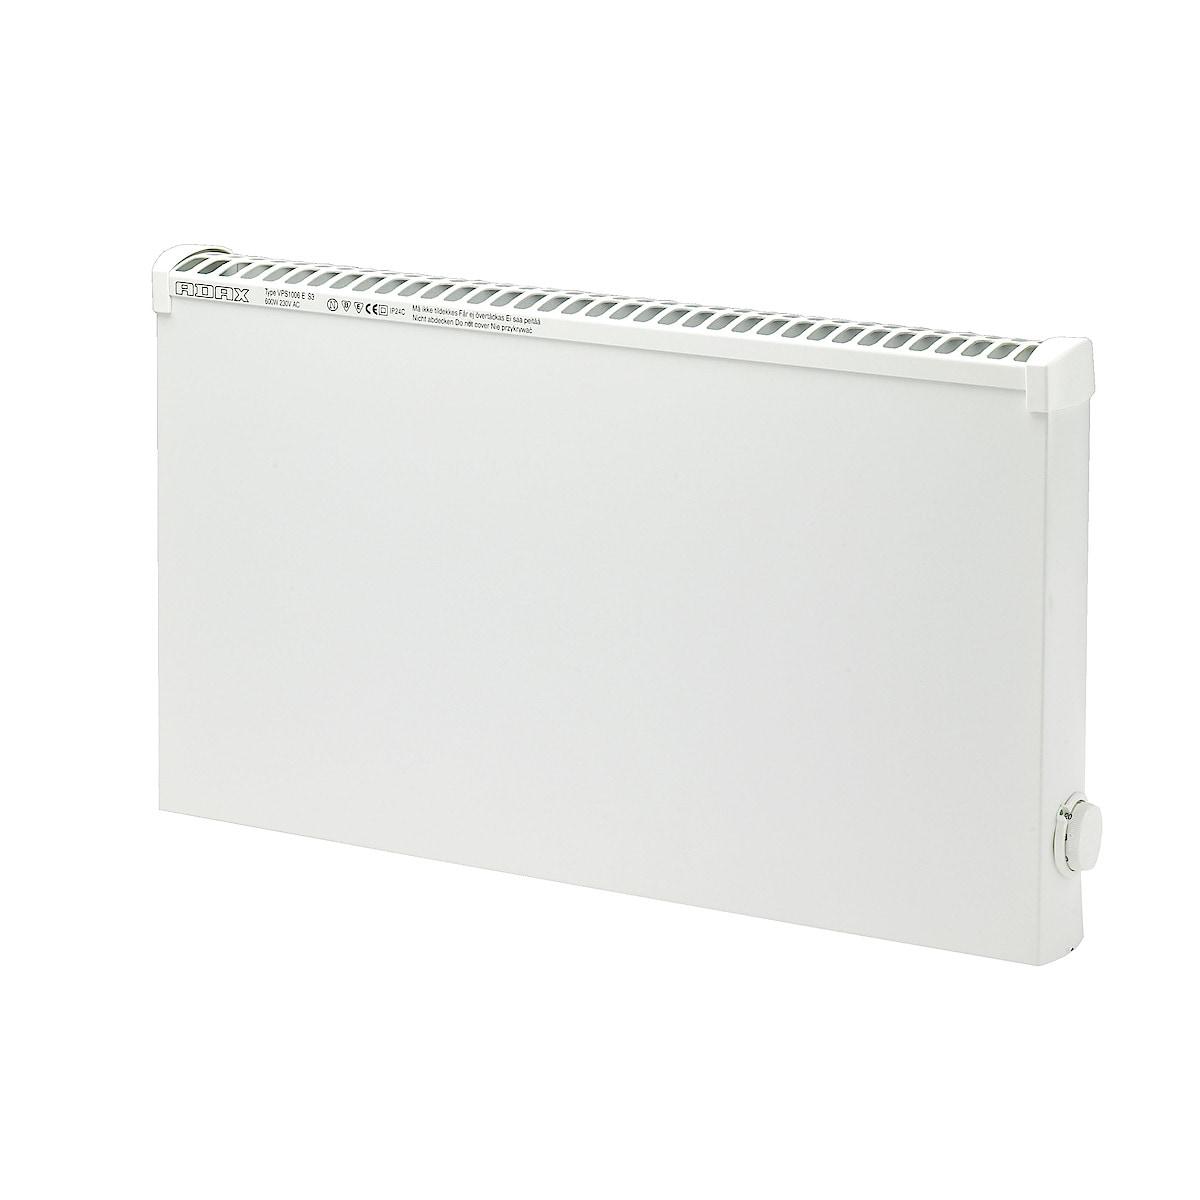 Lämpöpatteri märkätiloihin 600 W 400 V Adax VPS1006ET